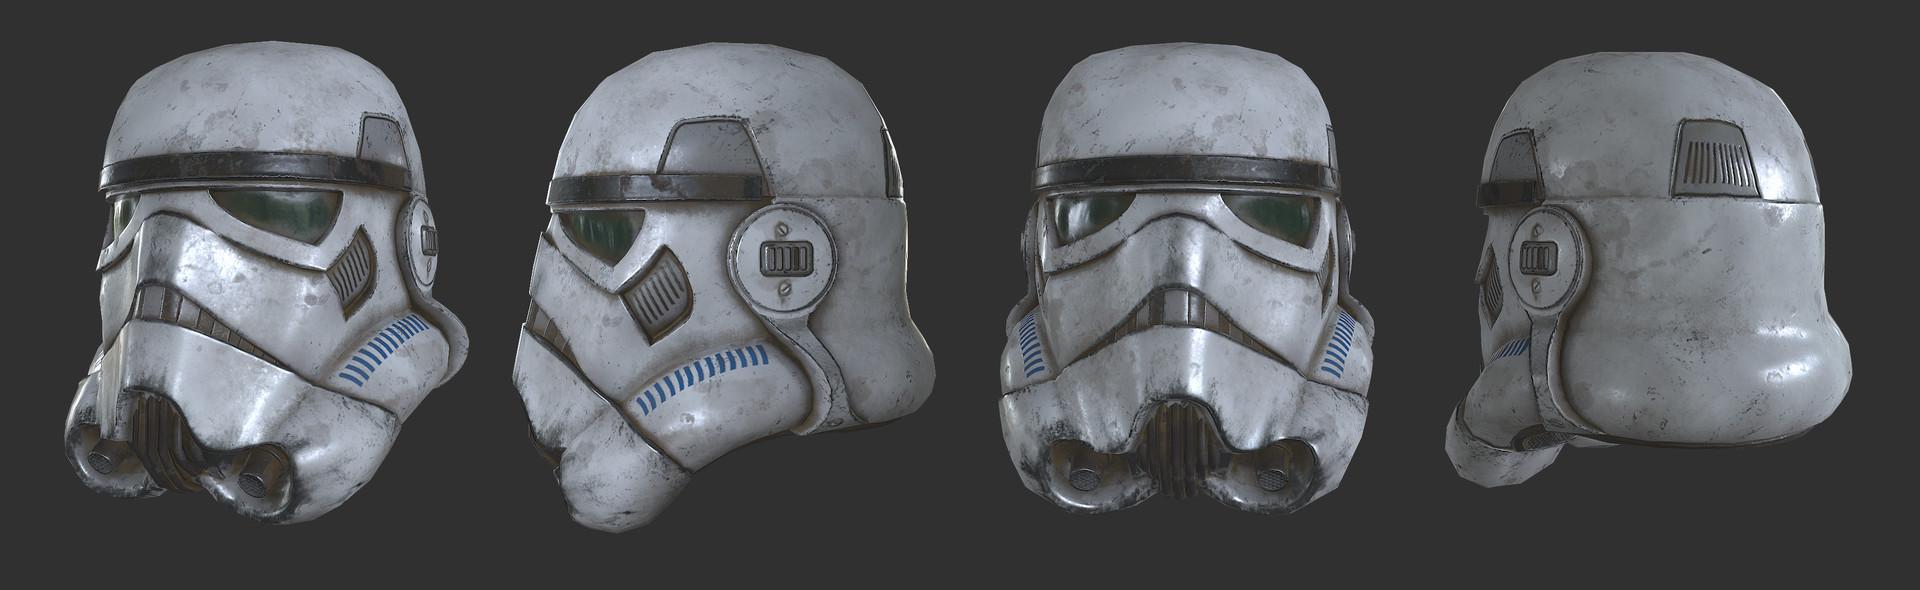 Shubham singh storm trooper helmet ss